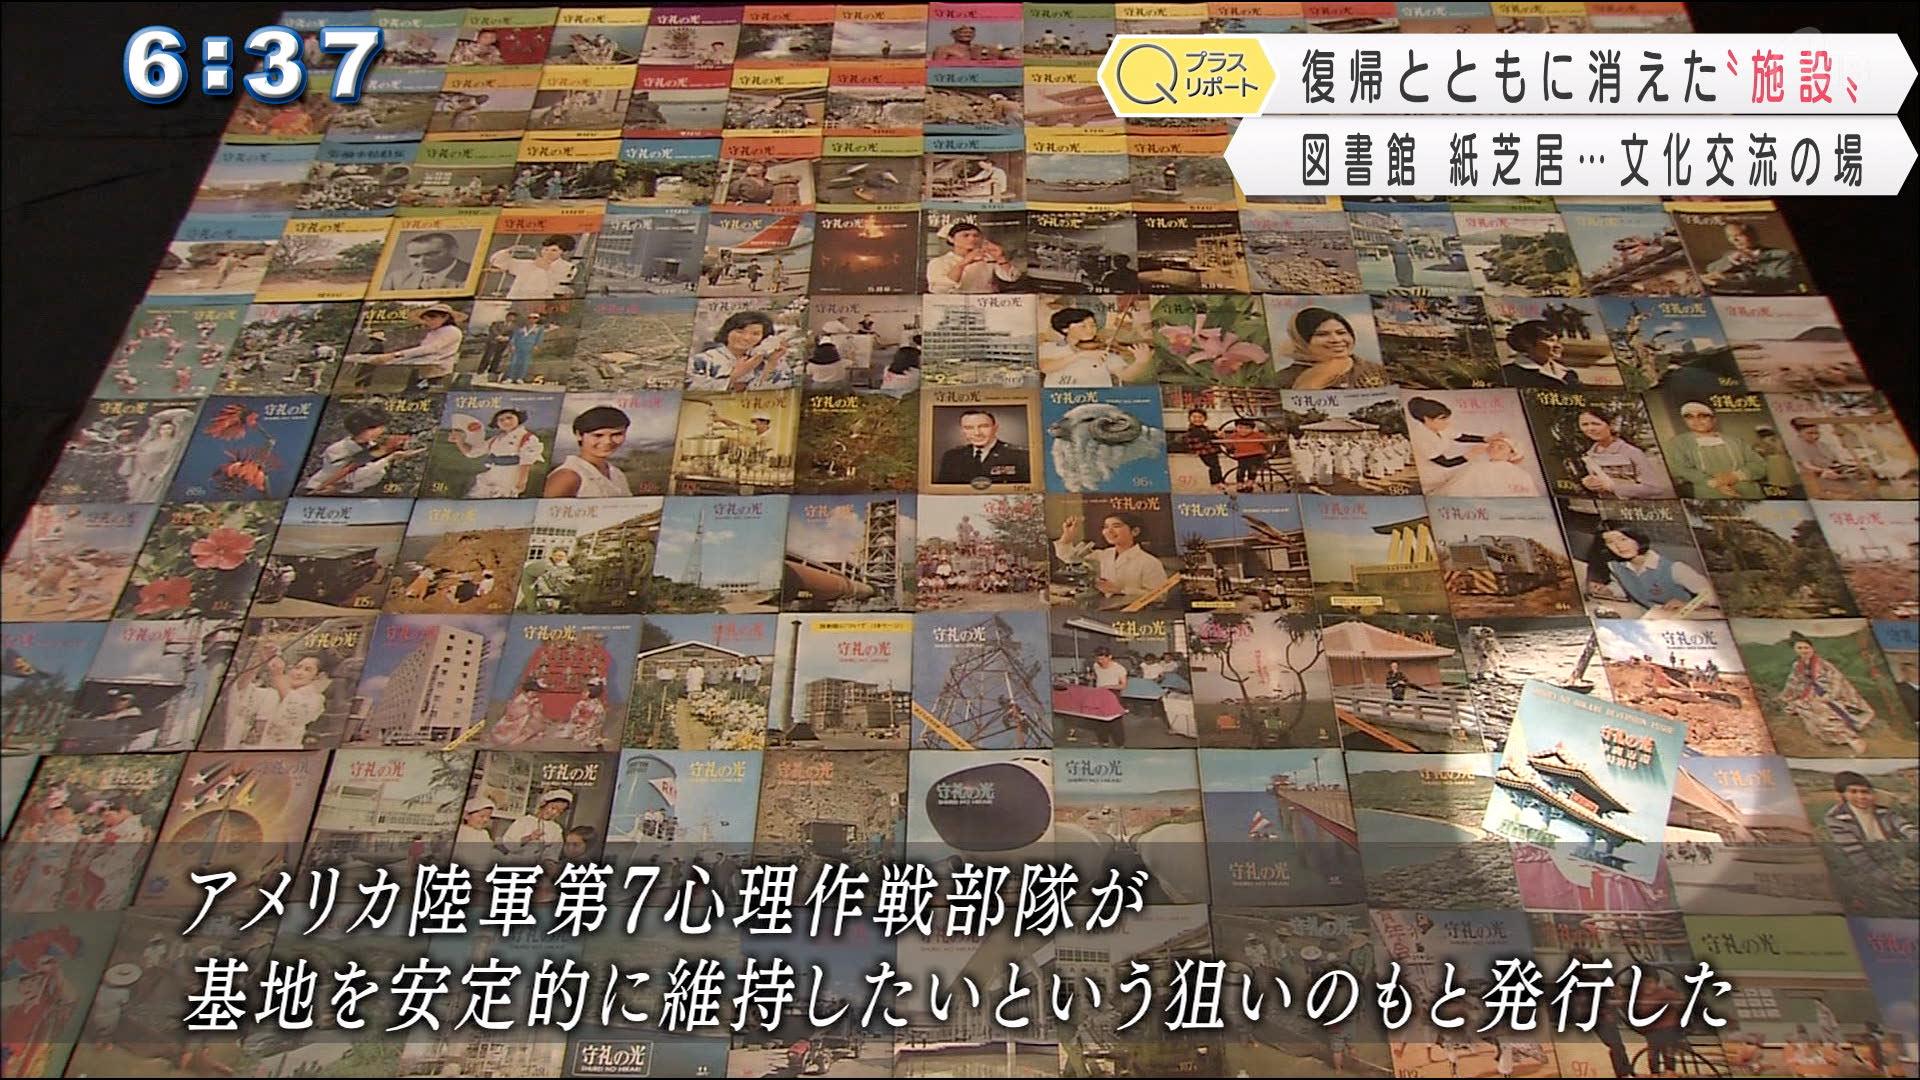 復帰で消えた文化の殿堂『琉米文化会館』